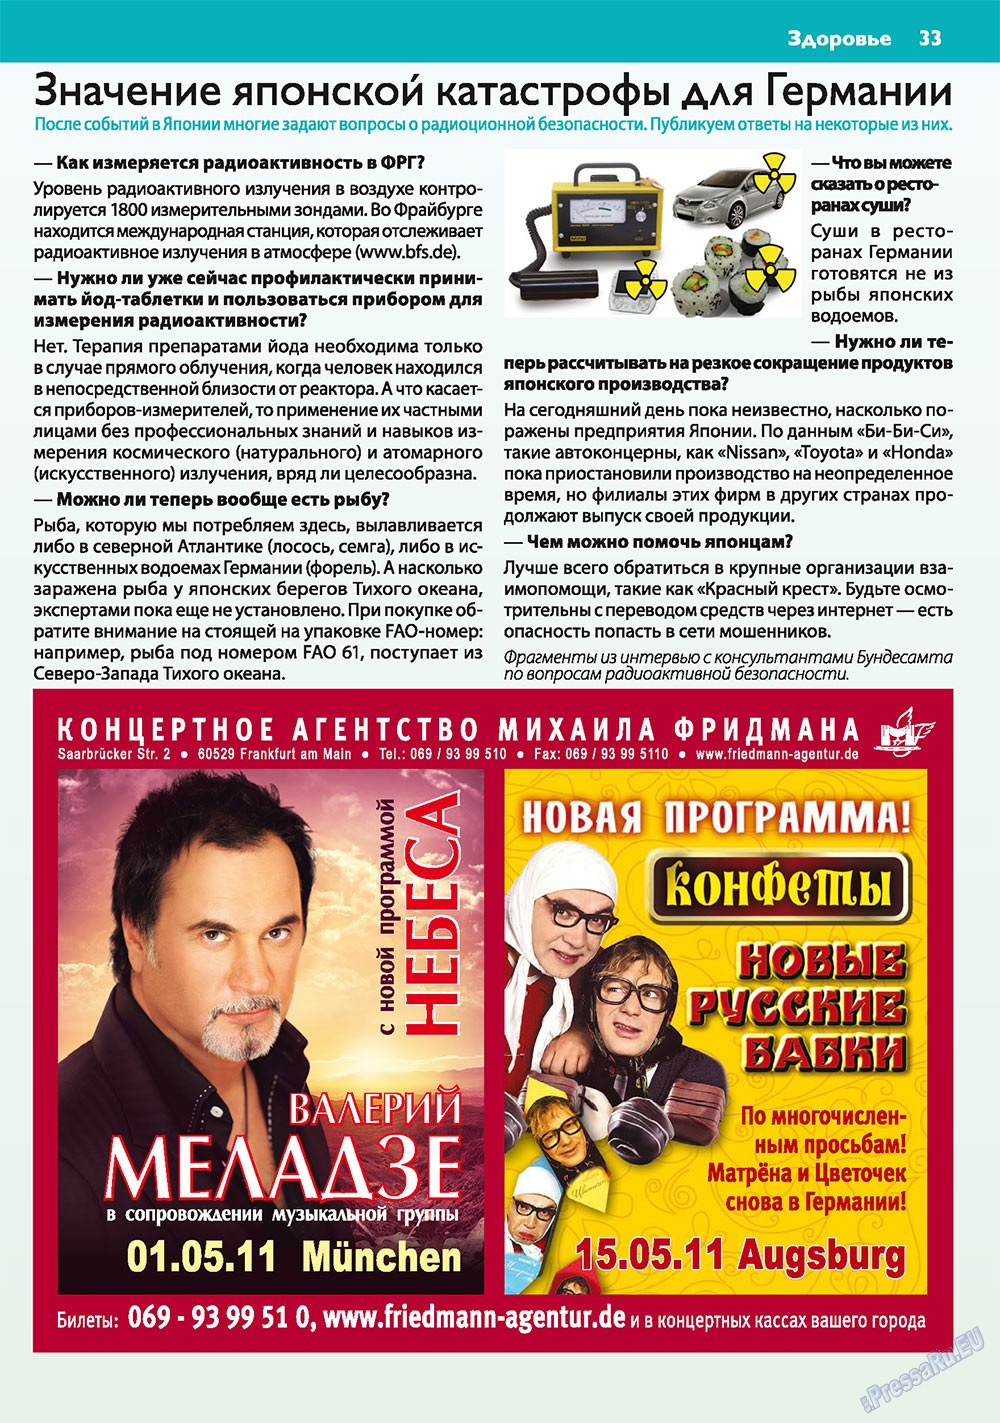 Апельсин (журнал). 2011 год, номер 21, стр. 33